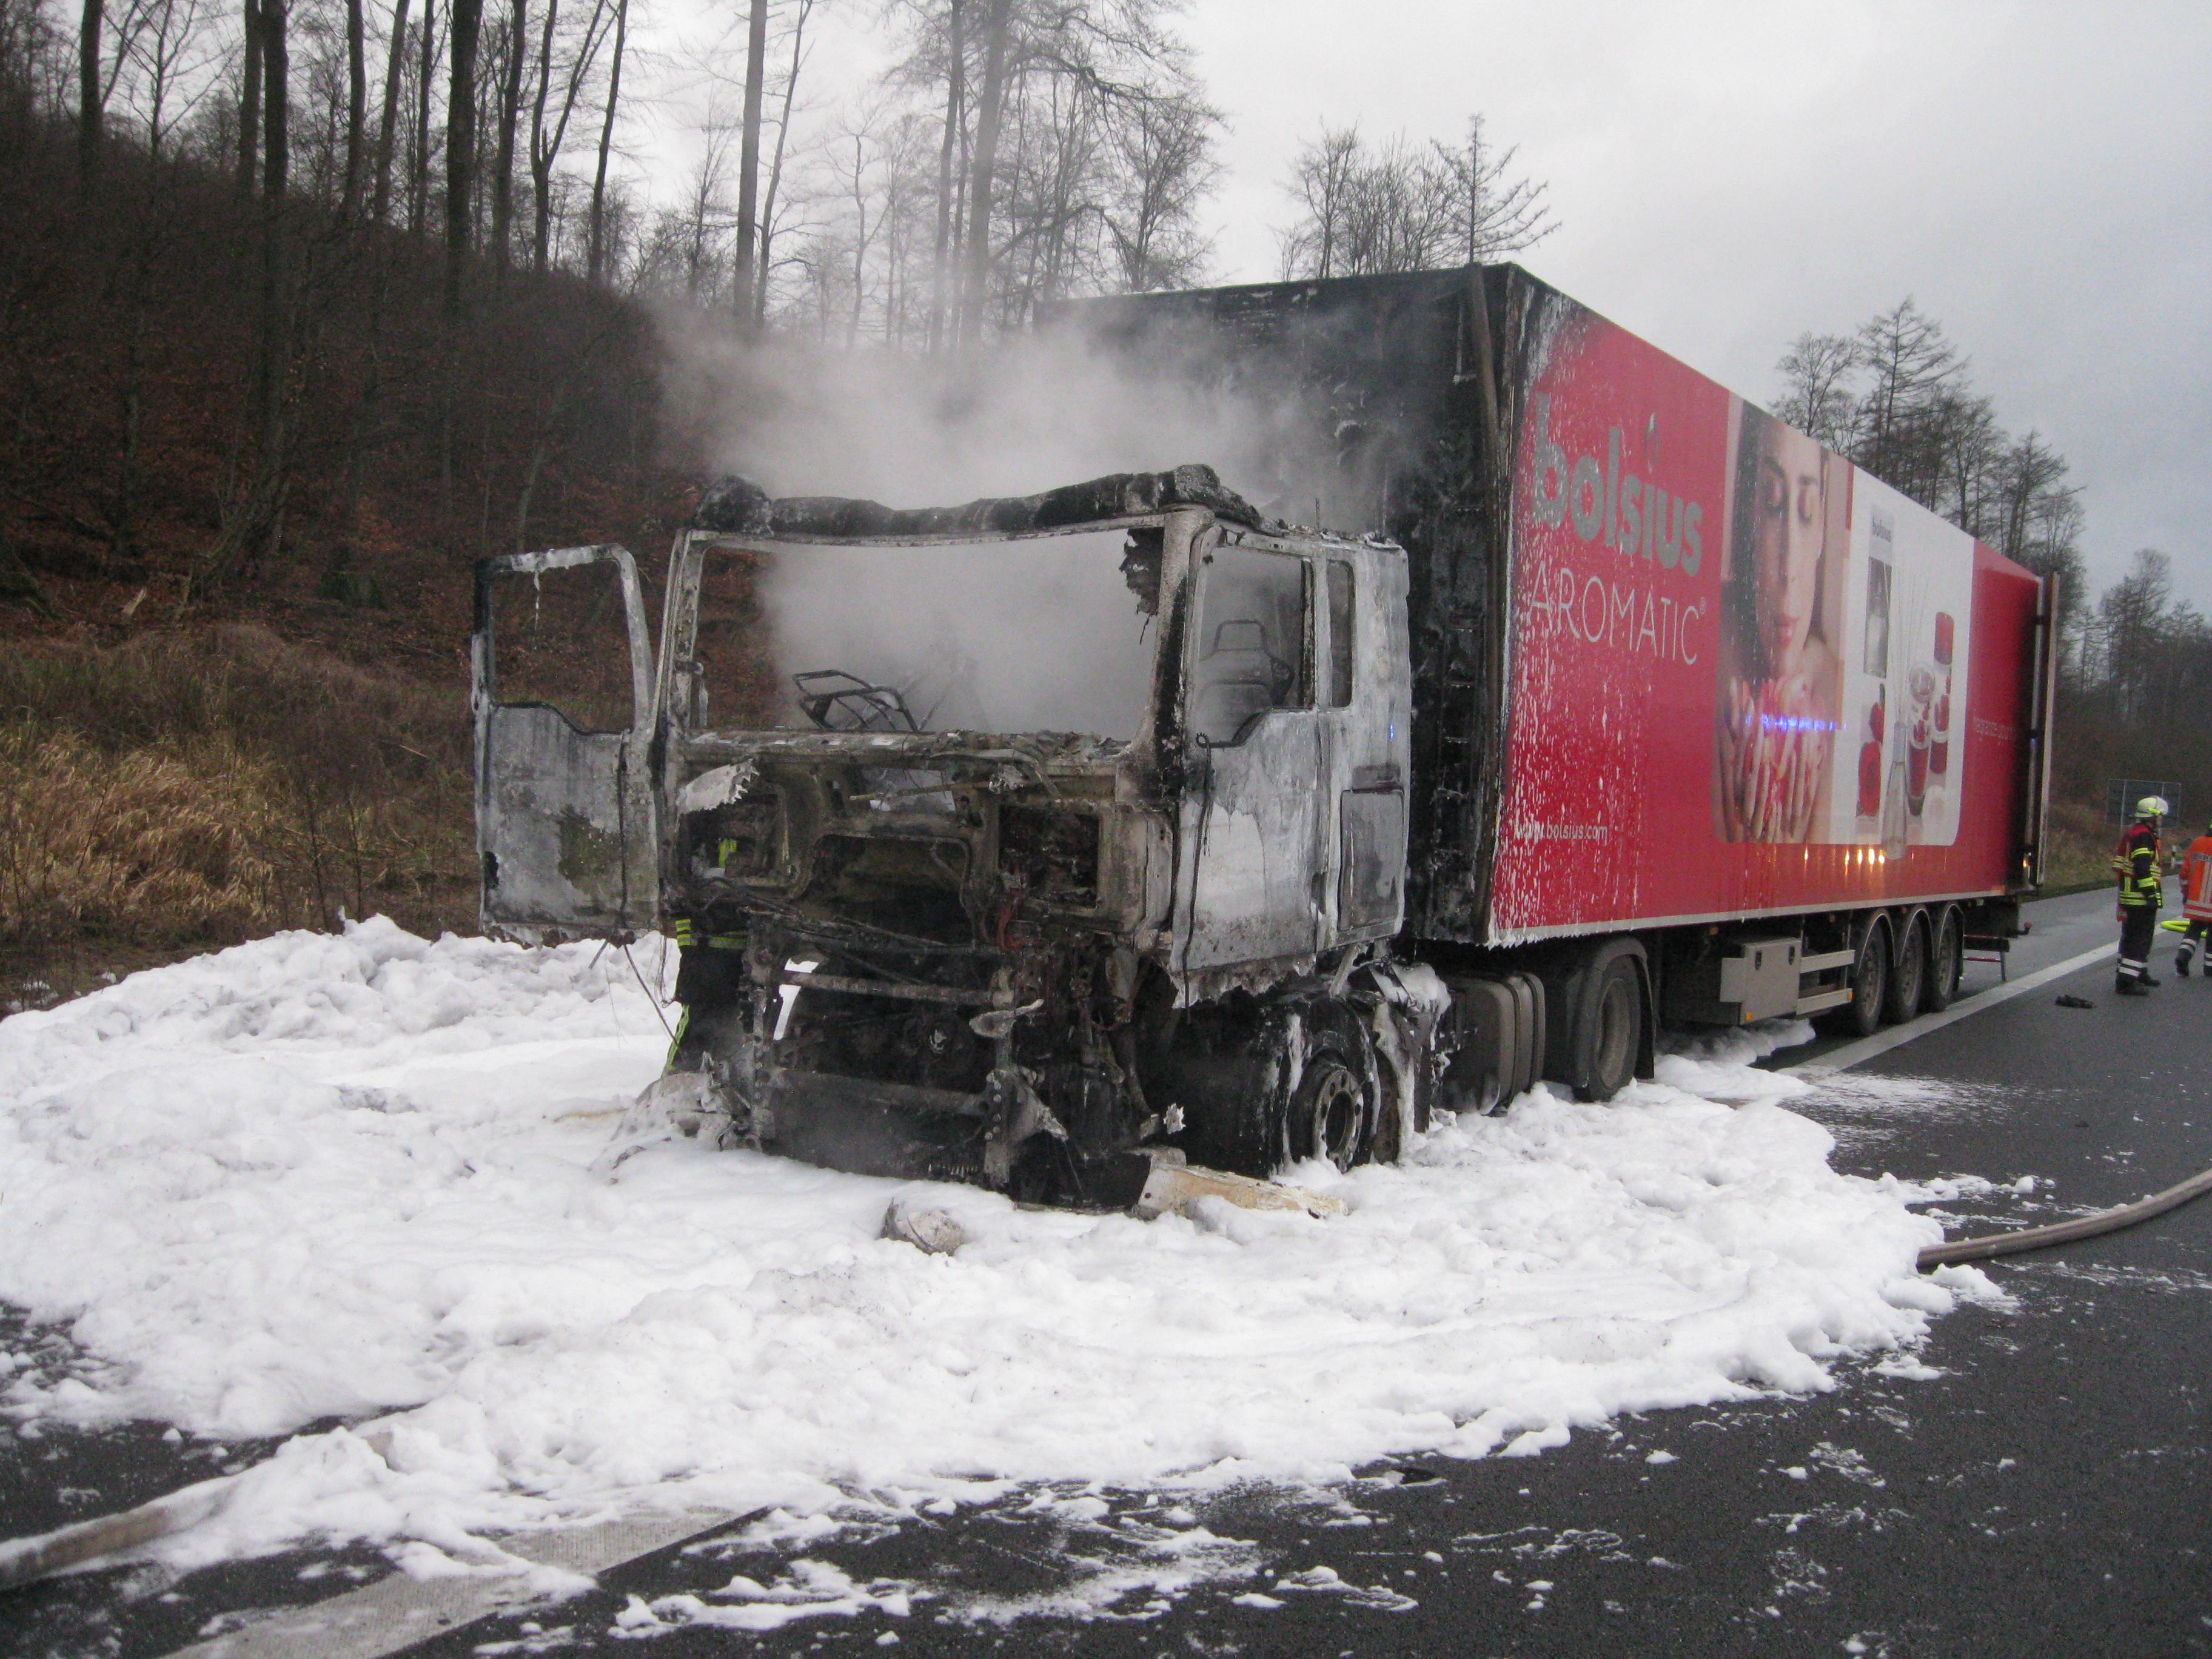 BAB 2 Fahrtrichtung Hannover – Lkw im Bereich der Zugmaschine in Brand geraten